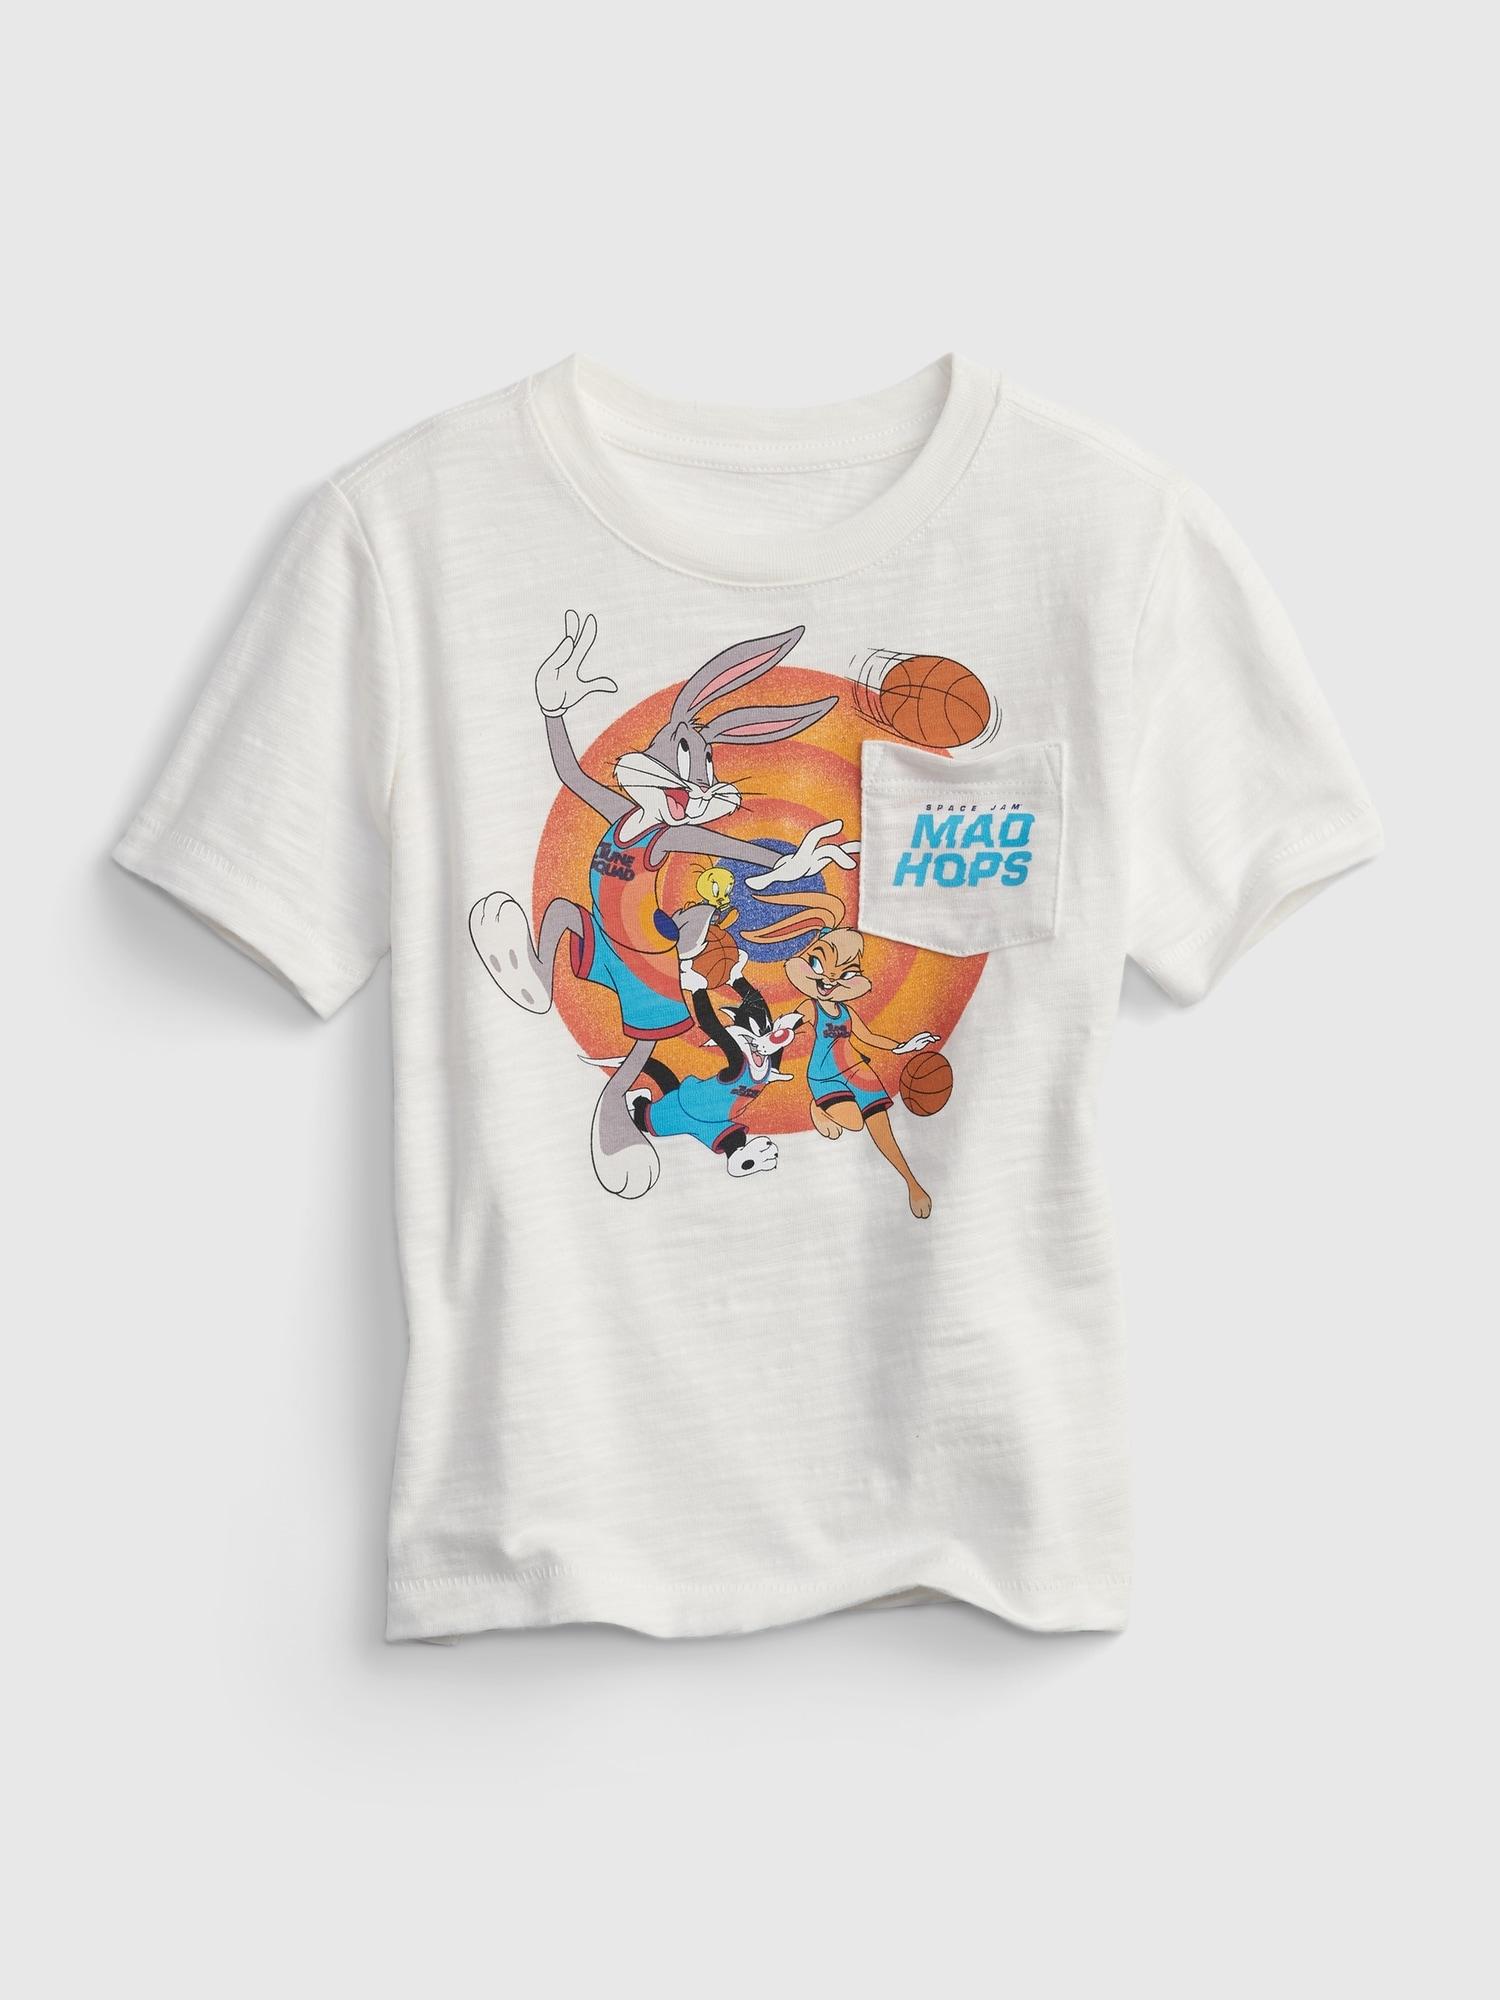 Babygap ルーニー・テューンズ グラフィックtシャツ